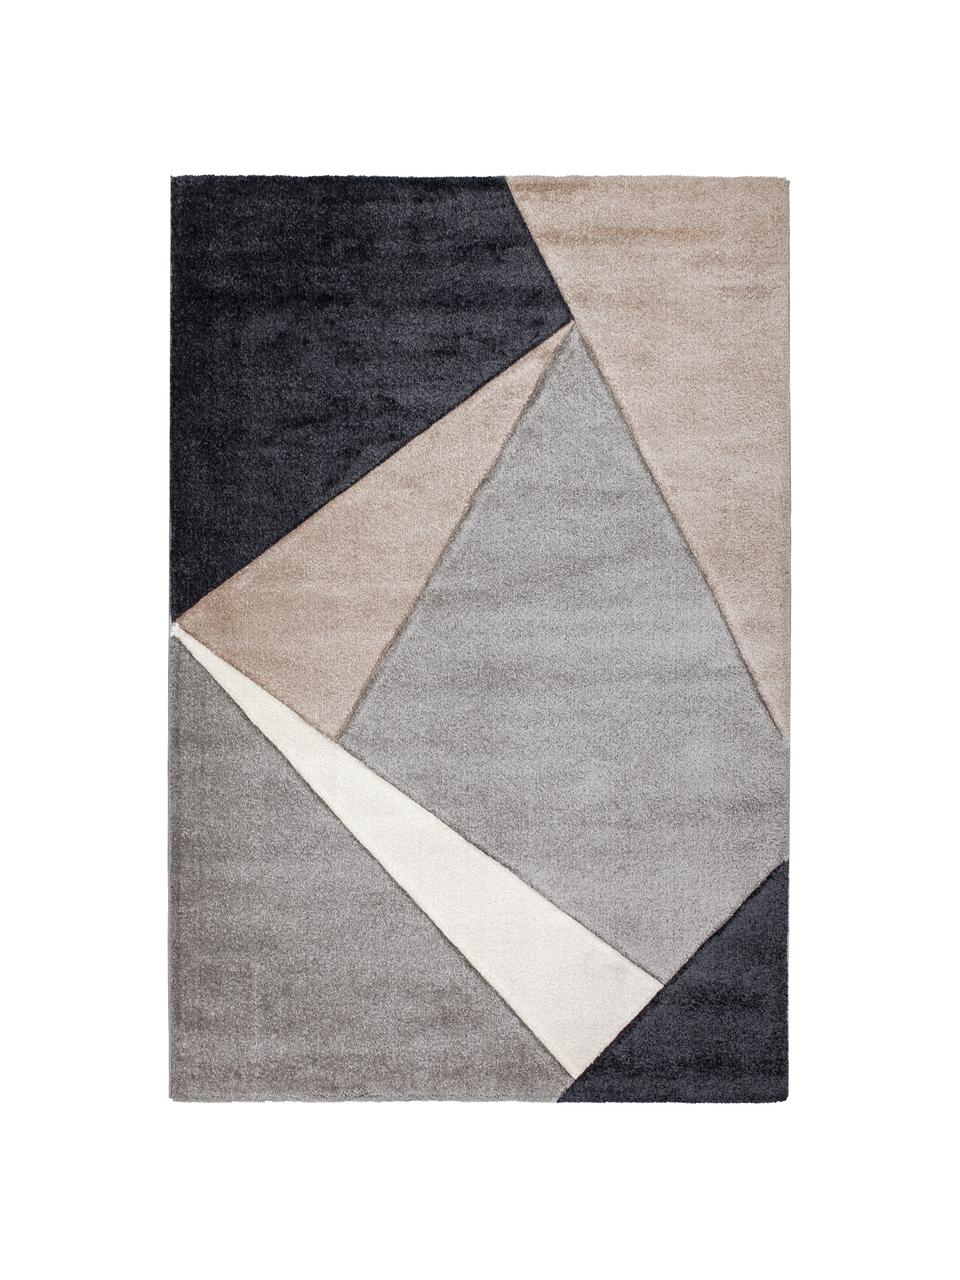 Tappeto con motivo geometrico beige-grigio My Broadway, Retro: juta, Taupe, beige, antracite, grigio, Larg.160 x Lung. 230 cm (taglia M)